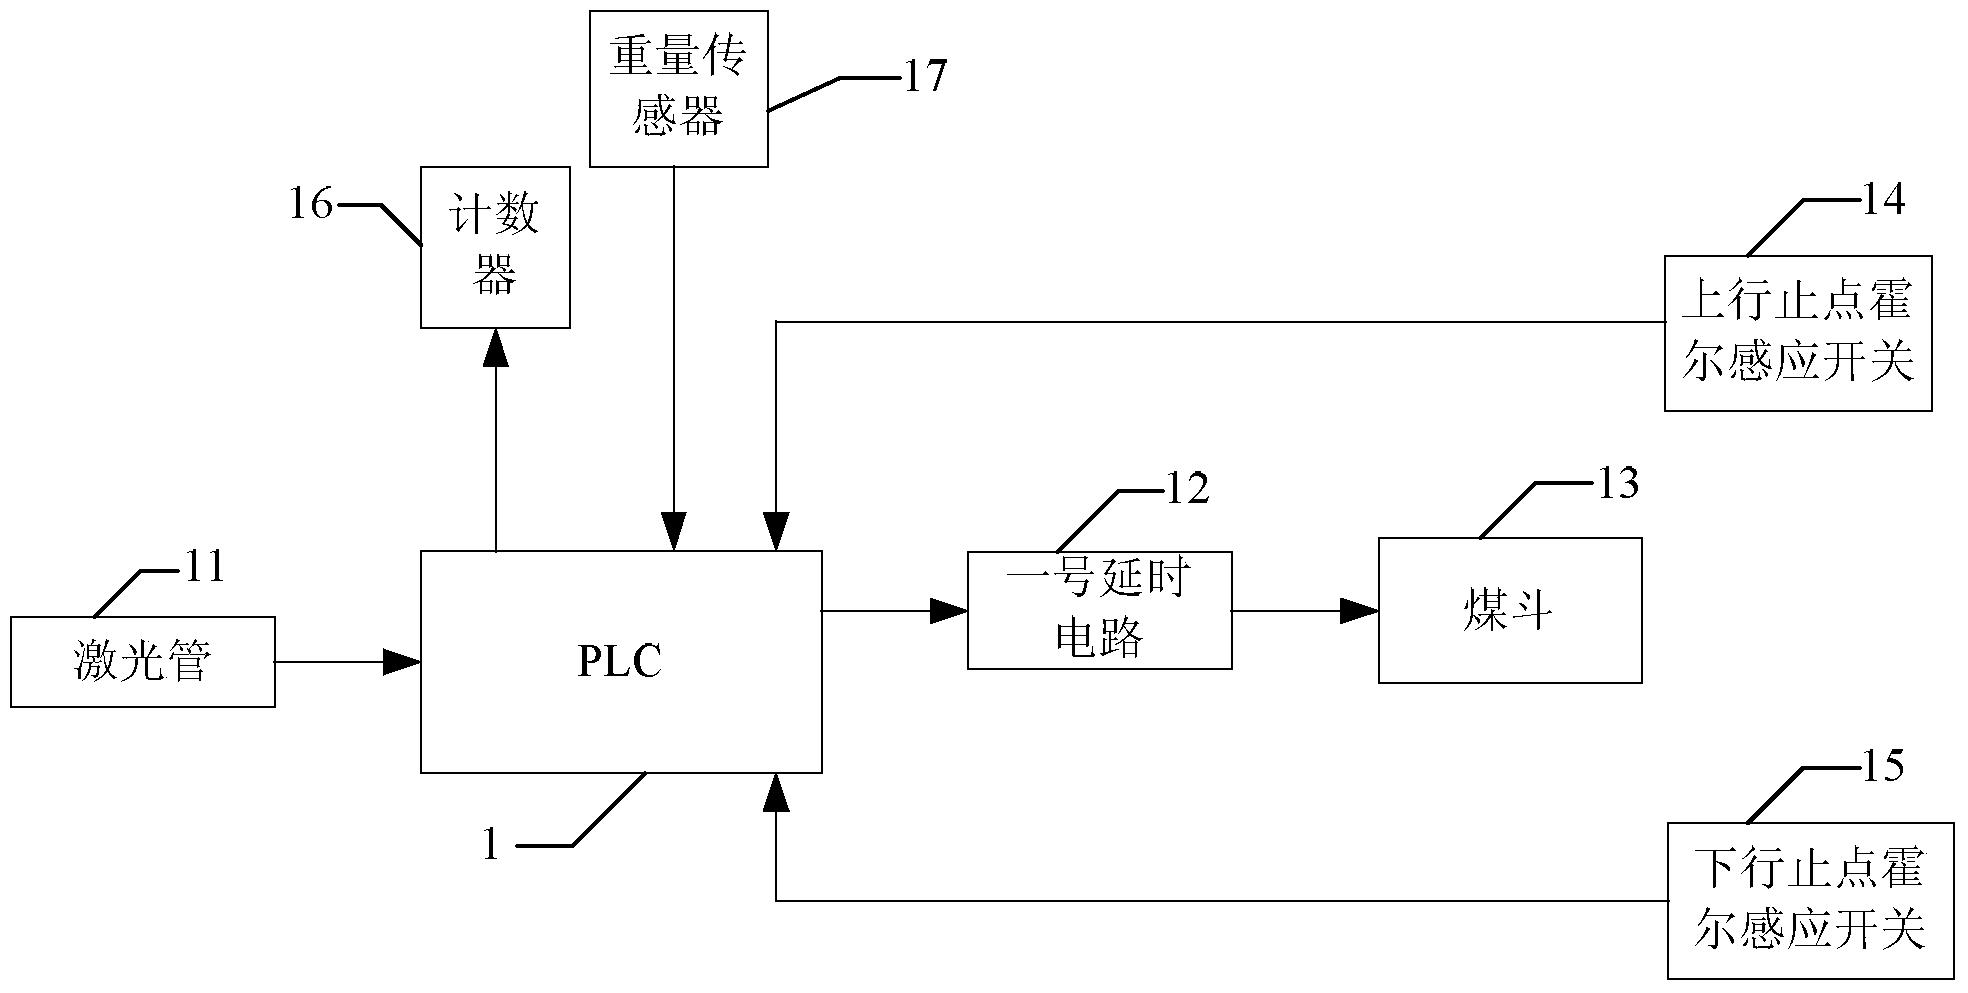 粮食烘干塔智能节能控制系统(公开号:CN104729276A)